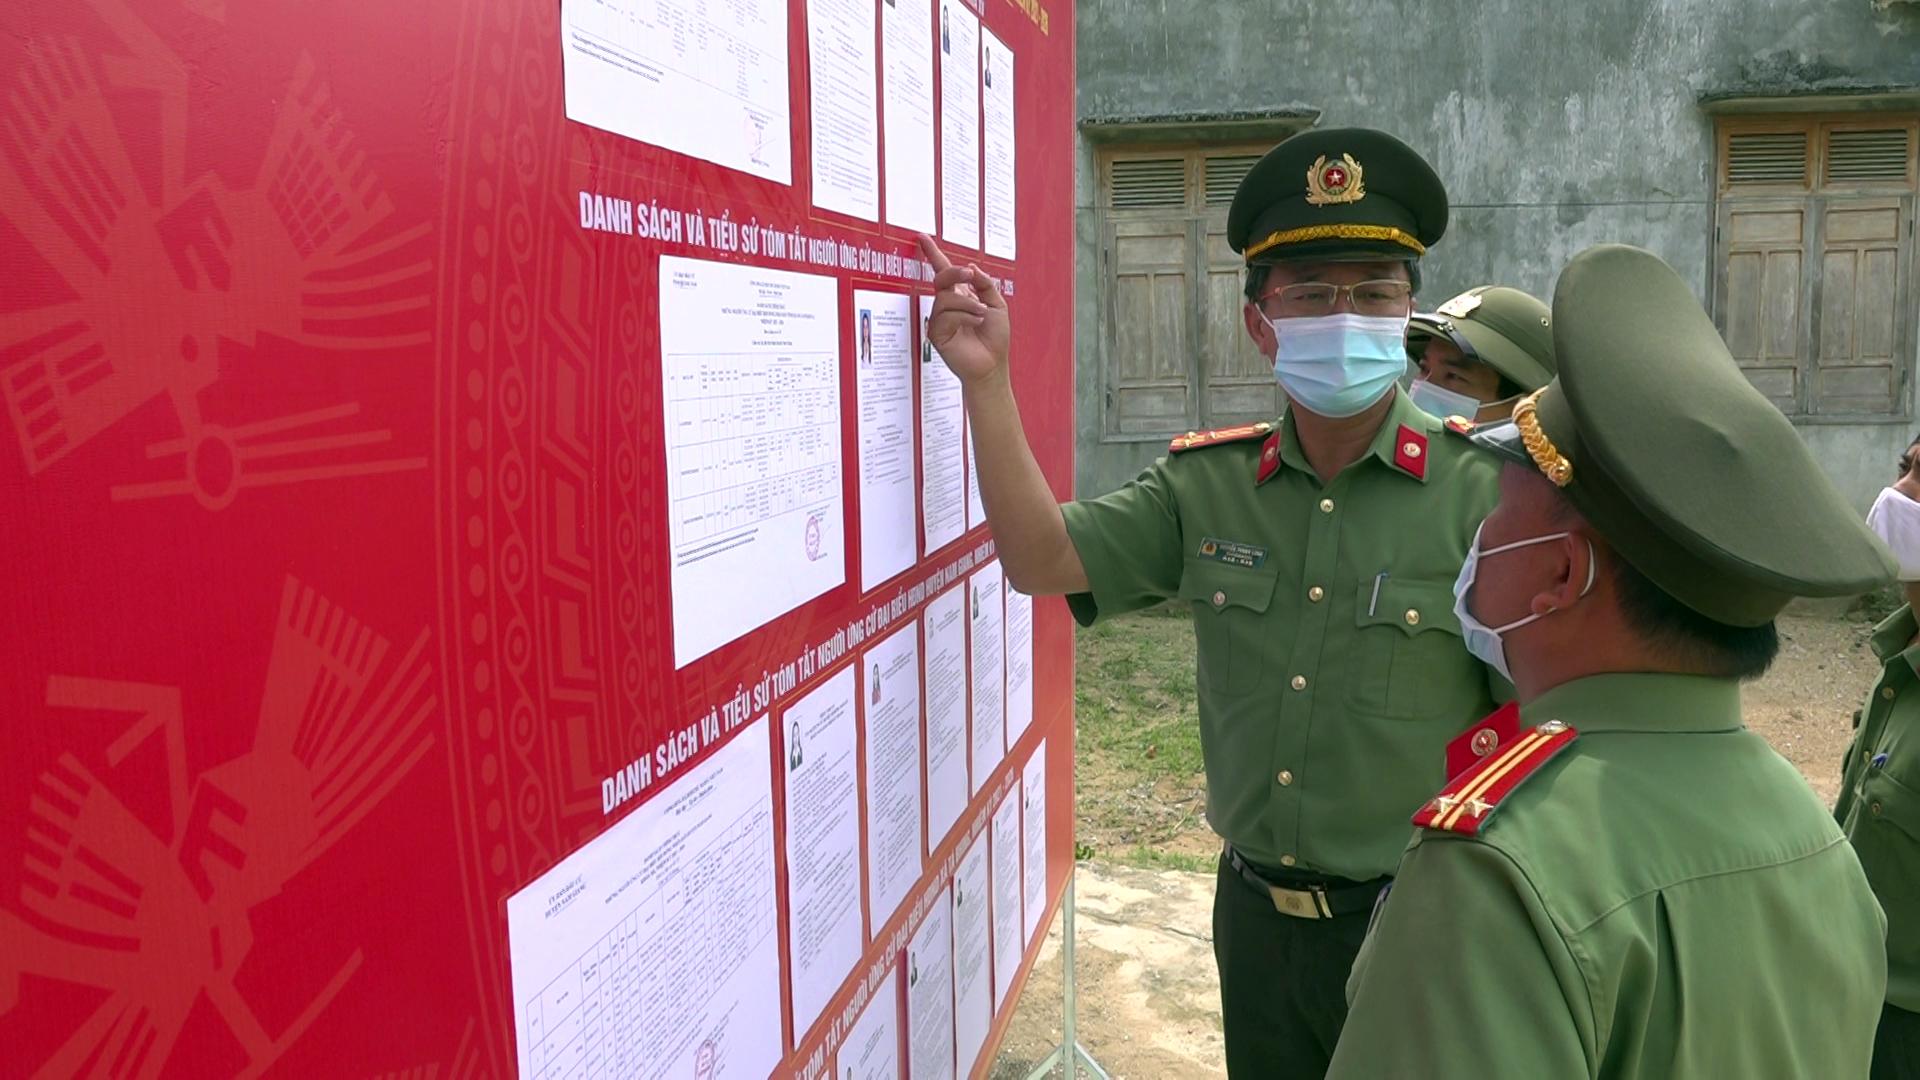 Thượng tá Nguyễn Thành Long kiểm tra điểm bầu cử tại thôn Ga-Lêê, xã Tà Bhing.